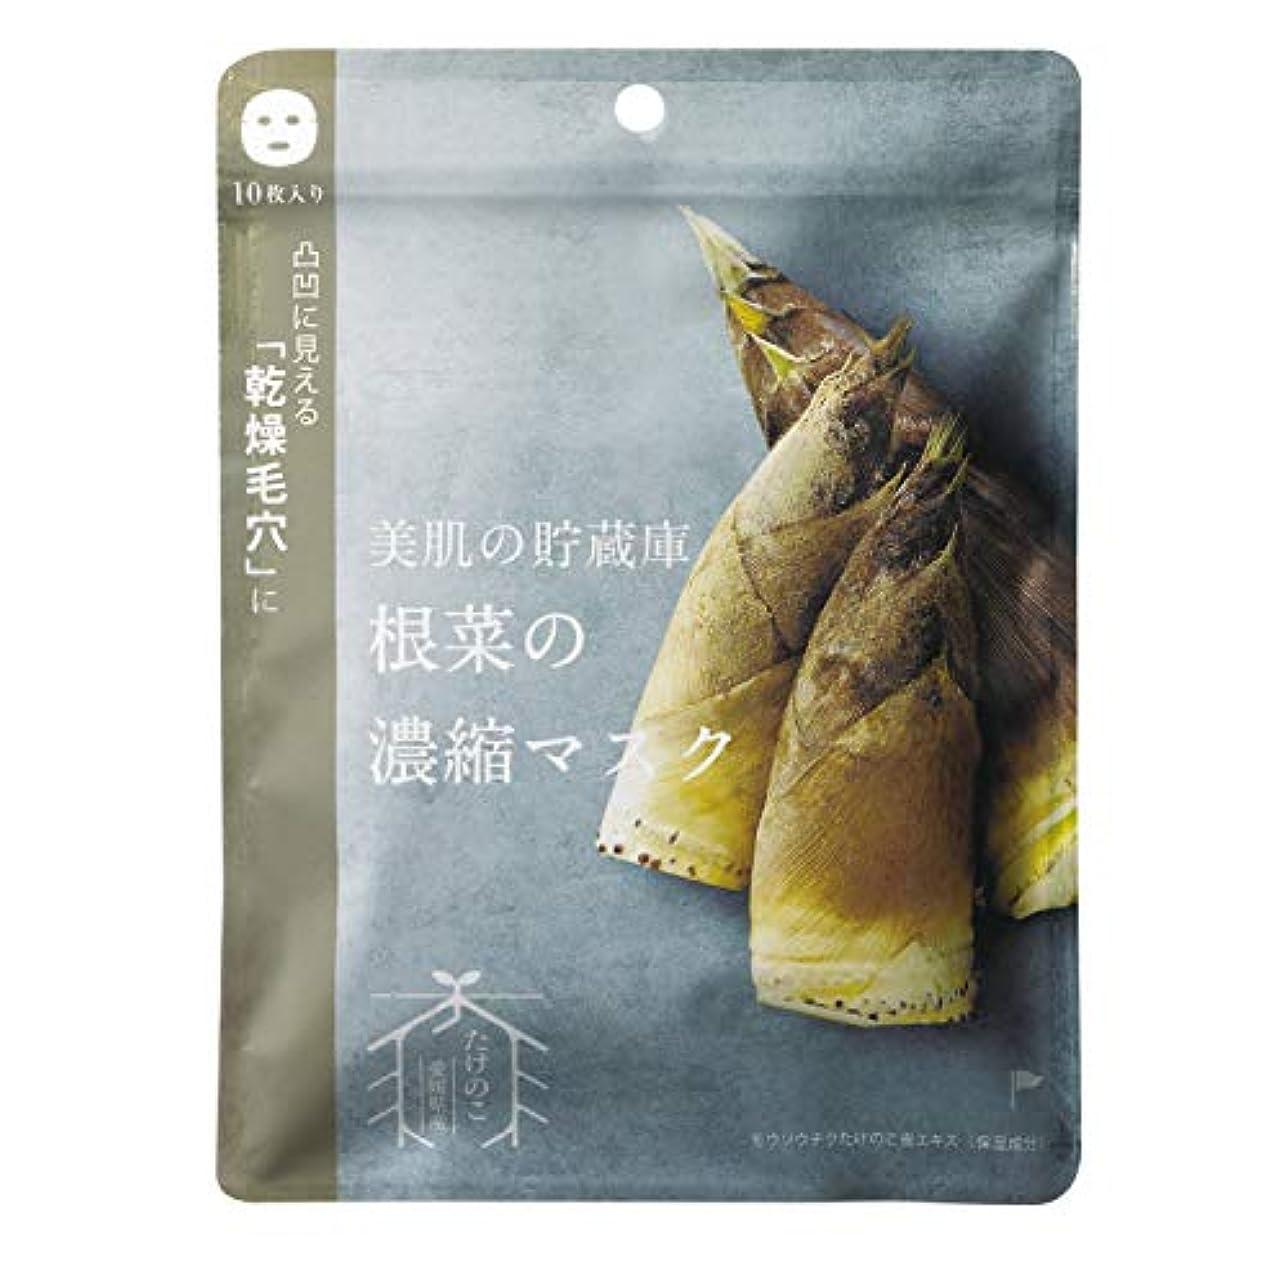 不適当フットボール霜@cosme nippon 美肌の貯蔵庫 根菜の濃縮マスク 孟宗竹たけのこ 10枚 160ml